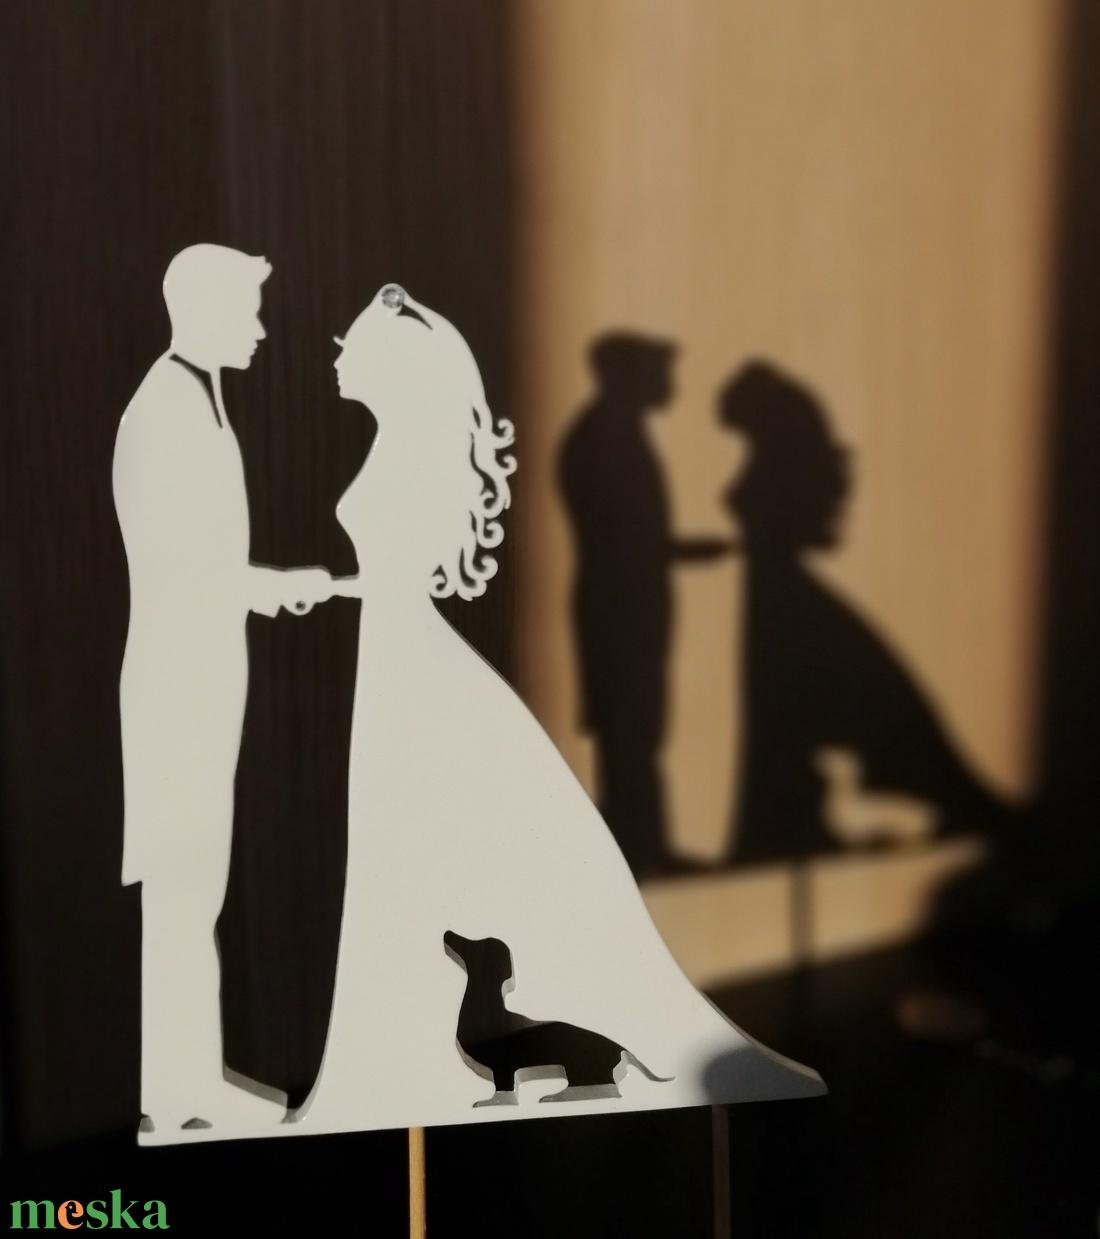 Nászpár tacskóval Esküvői tortadísz csúcsdísz Kutyás menyasszony és vőlegény Esküvői dekoráció tortára  - esküvő - dekoráció - sütidísz - Meska.hu